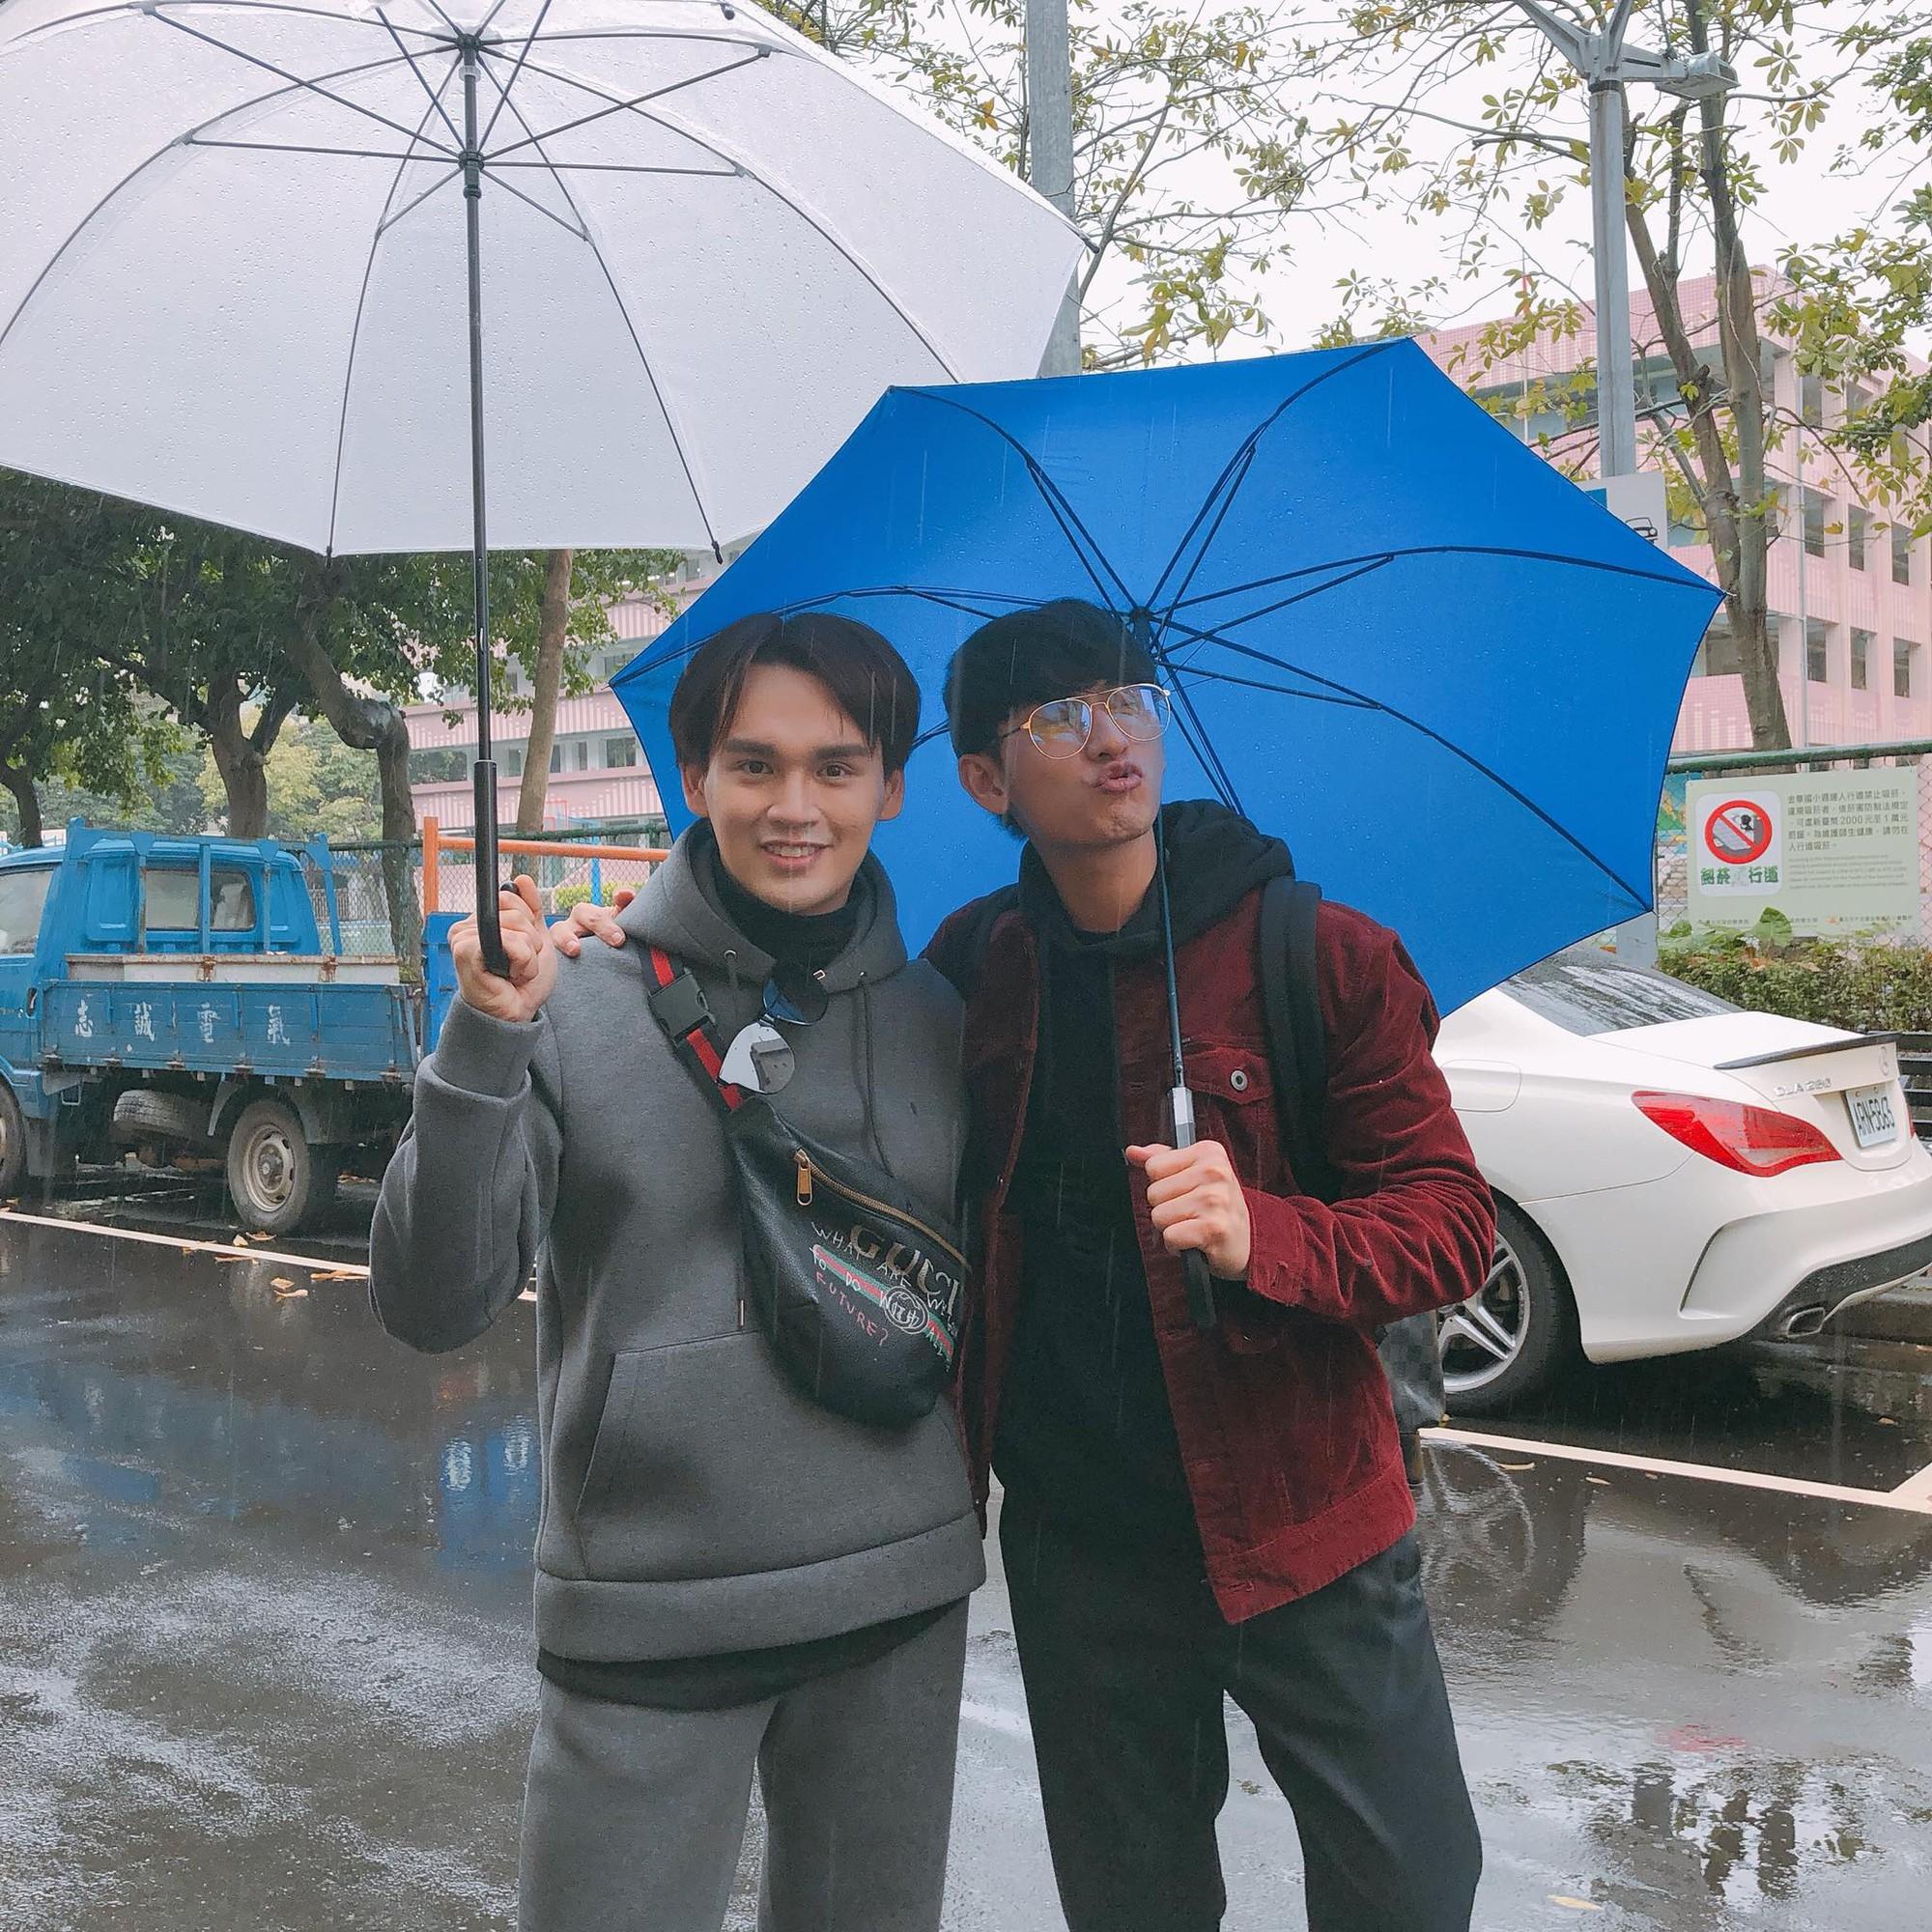 Mới đầu năm, dân tình đã ùn ùn kéo nhau sang Đài Loan và chụp cả trăm tấm hình - Ảnh 2.